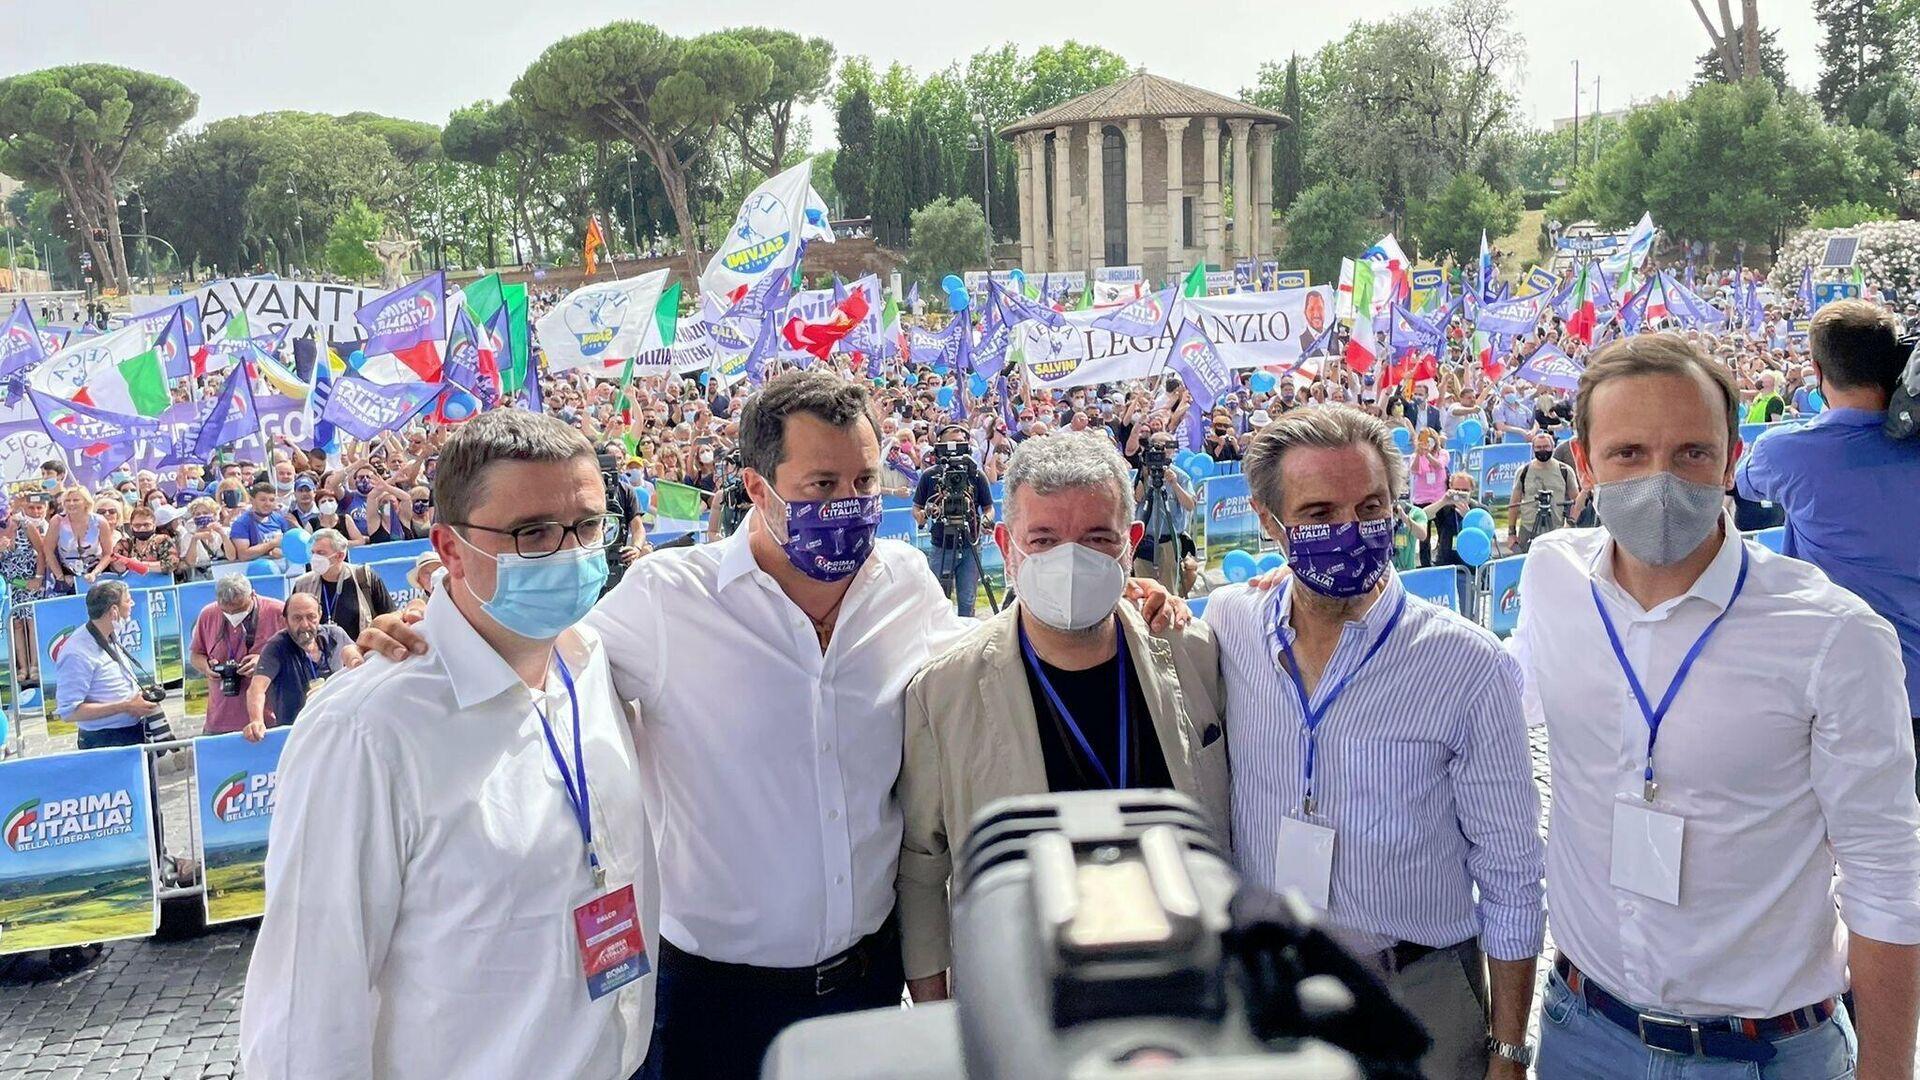 Matteo Salvini e i governatori della Lega - Sputnik Italia, 1920, 19.06.2021